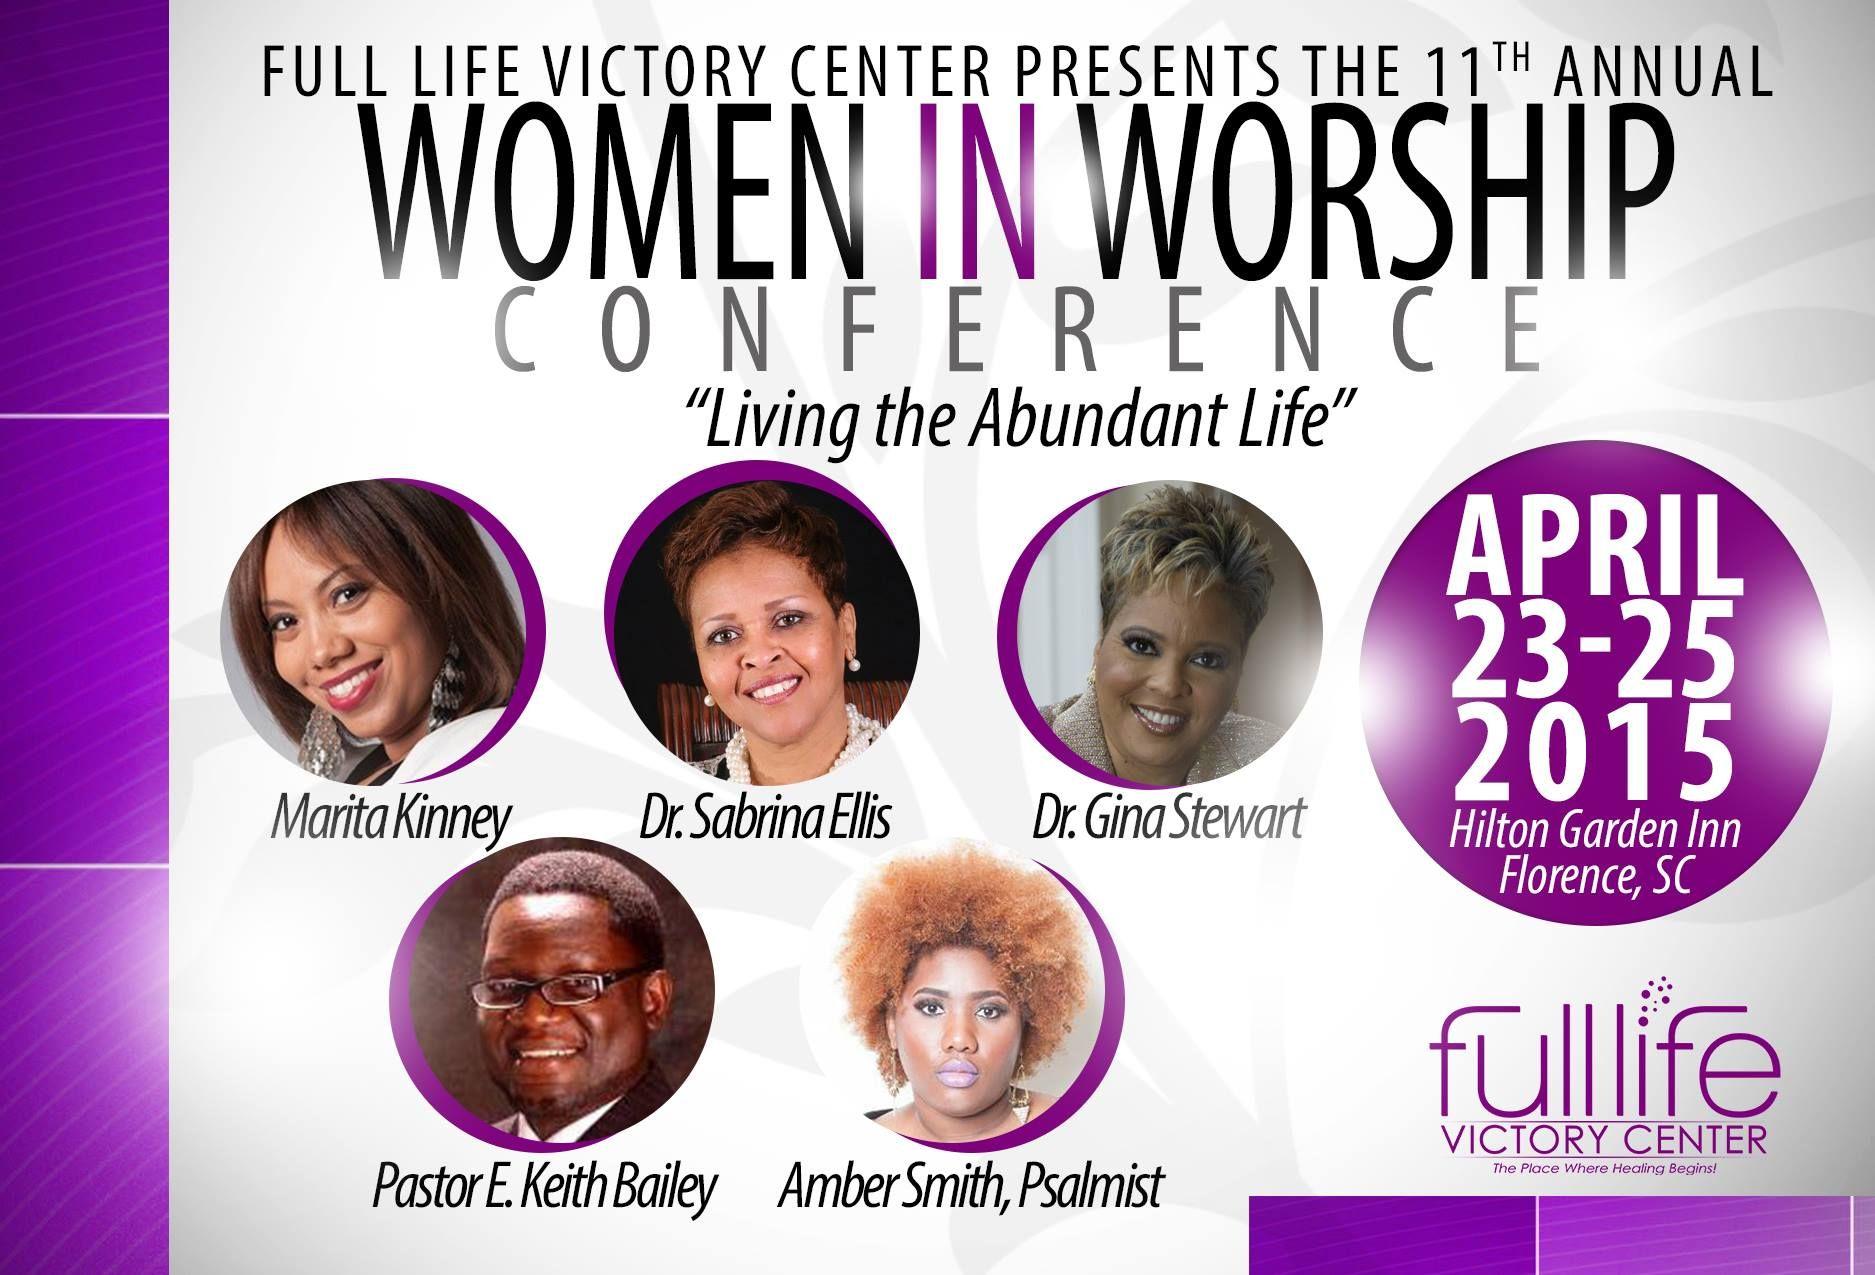 Register at www.womeninworship2015.com